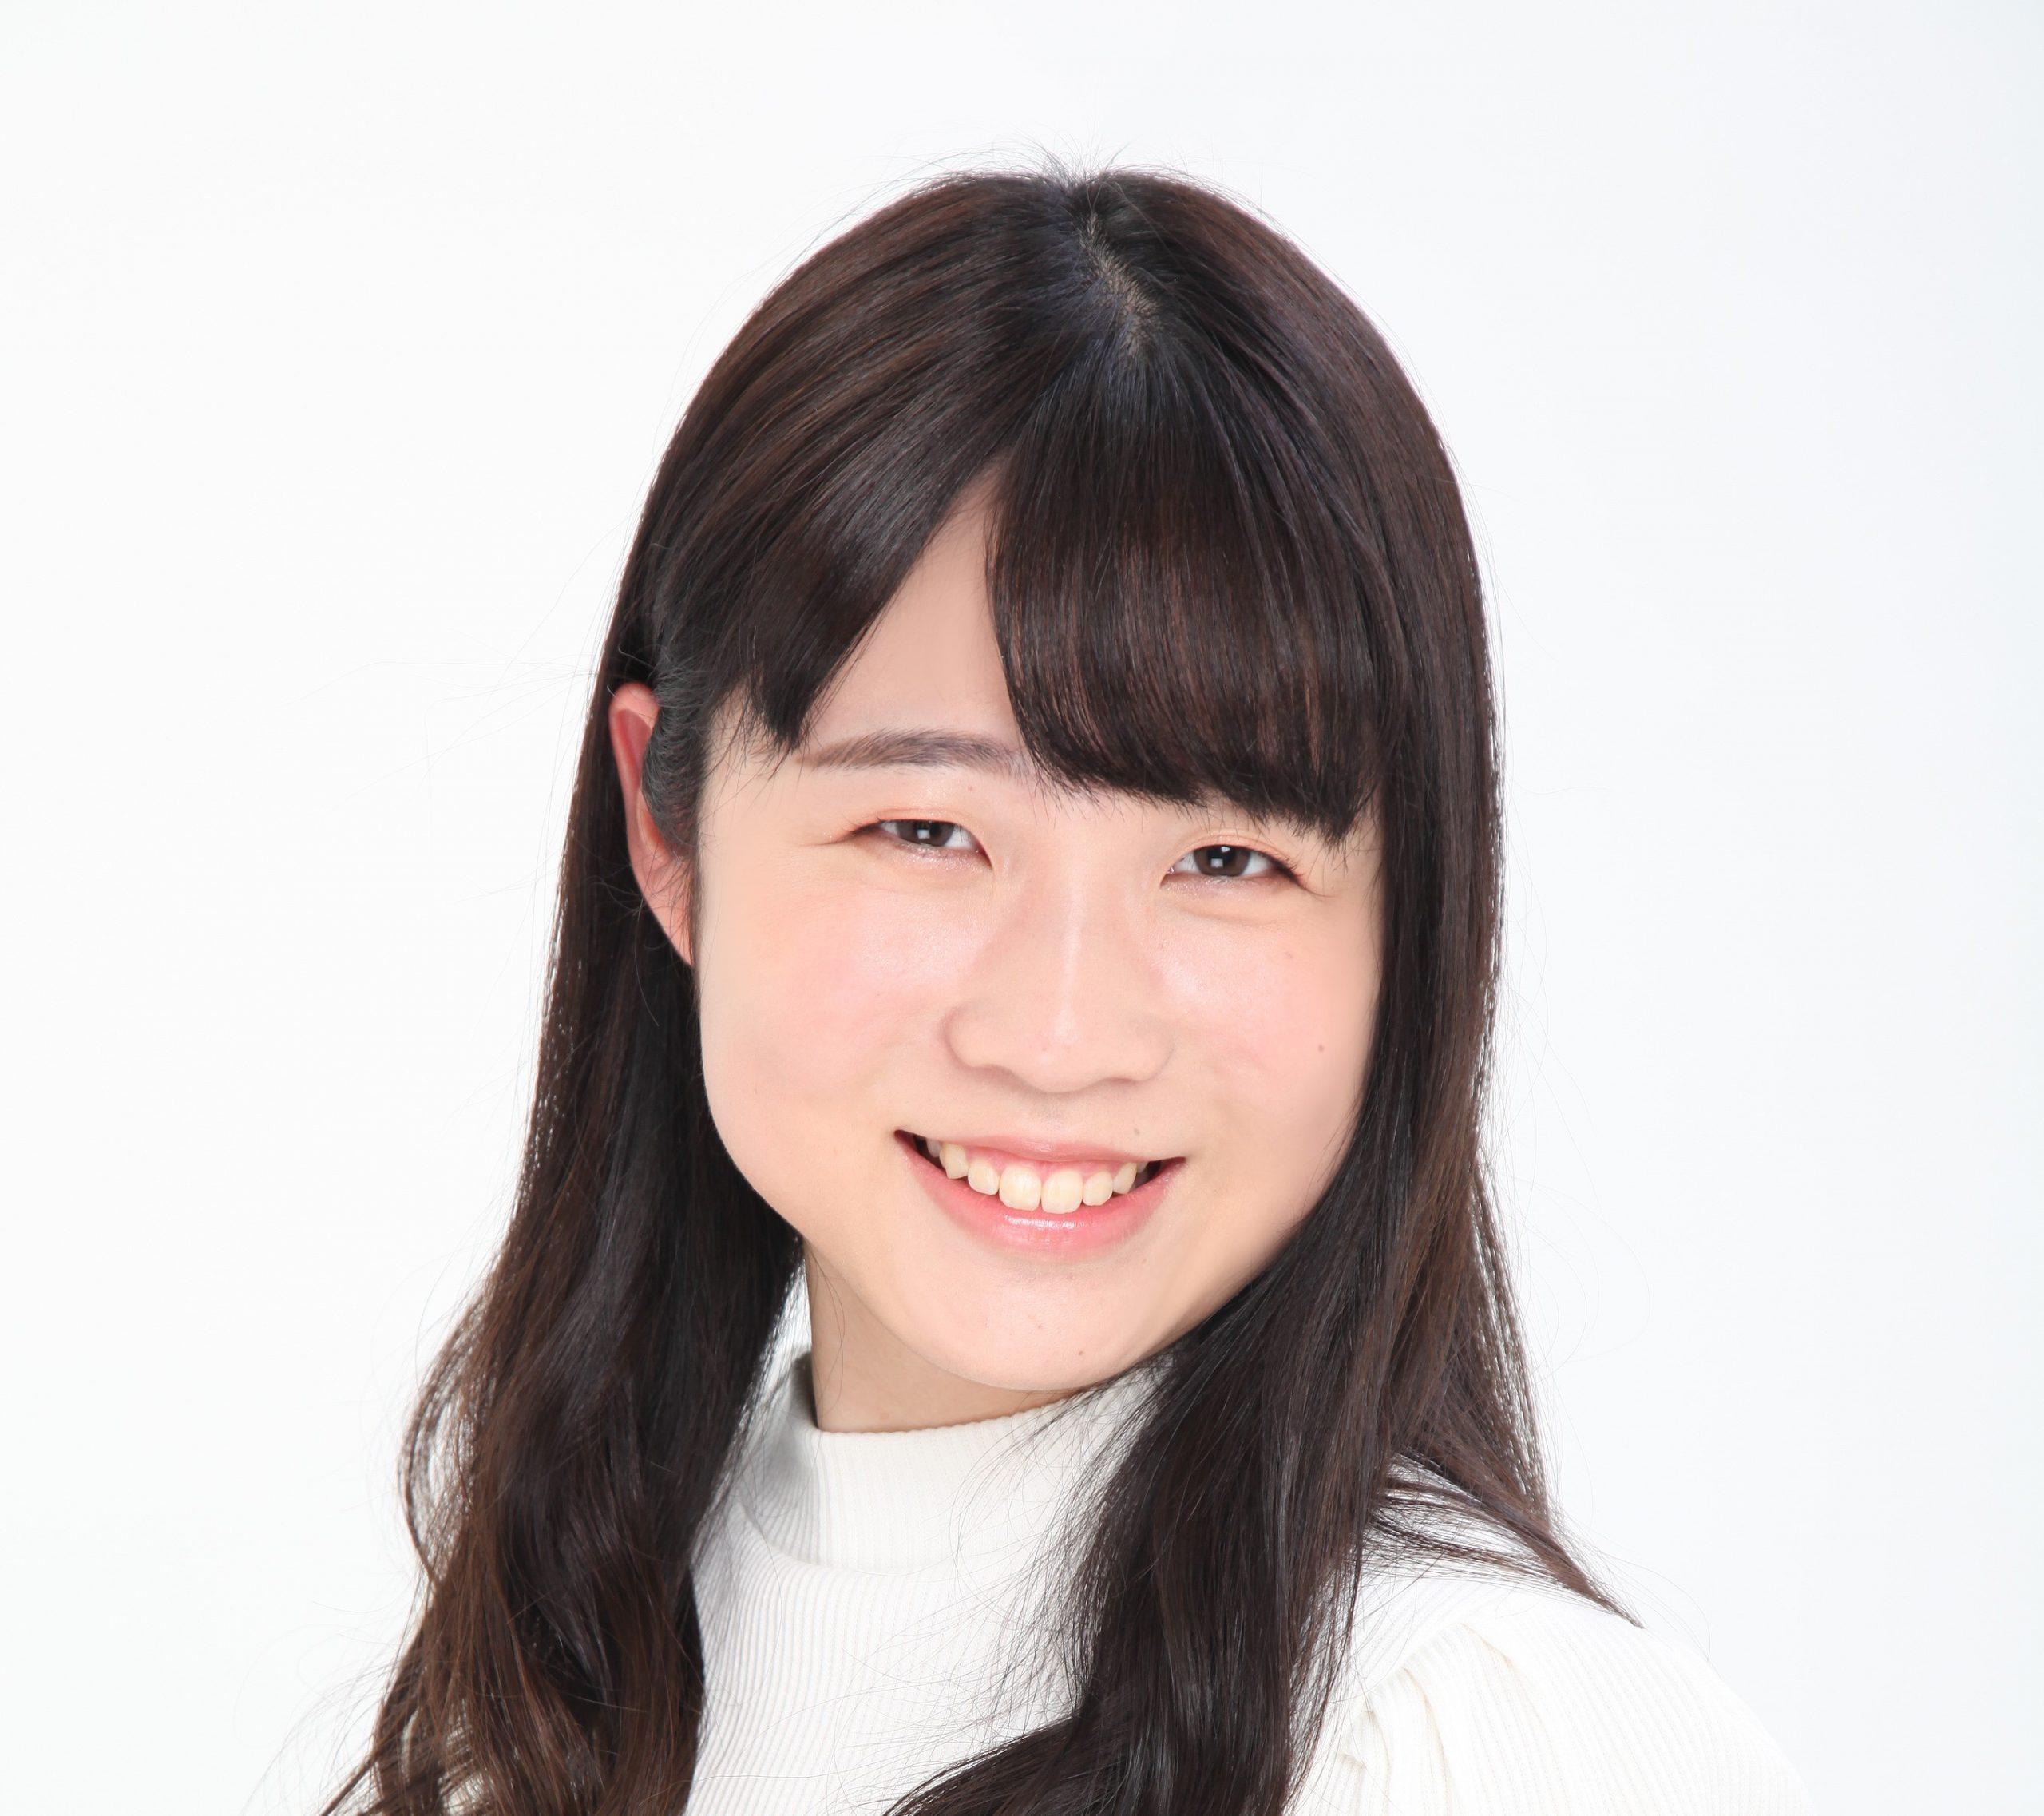 新加入タレントのお知らせ (汐見玲香)